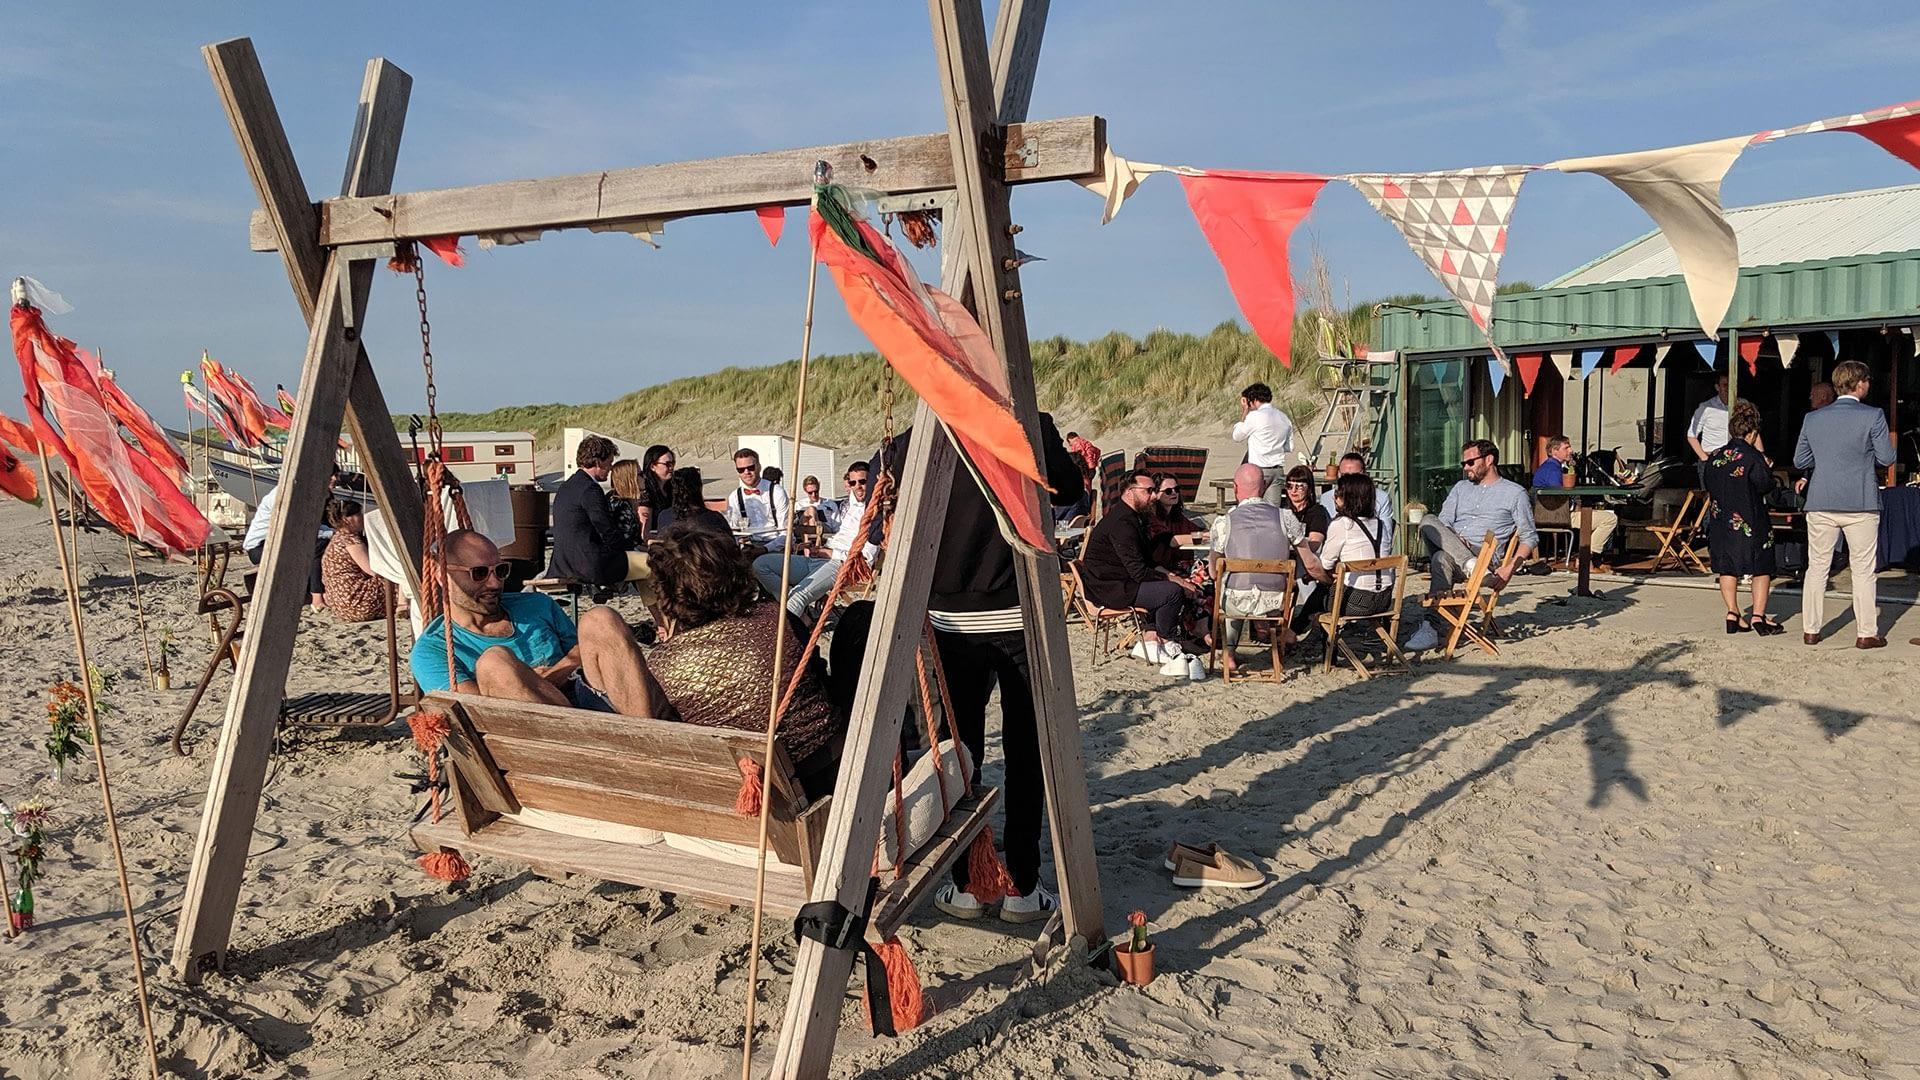 houten schommel op het strand bij Strandtent De Pit inn het Westland op een zonnige dag met in de achtergrond mensen die genieten van een feestje aan het strand